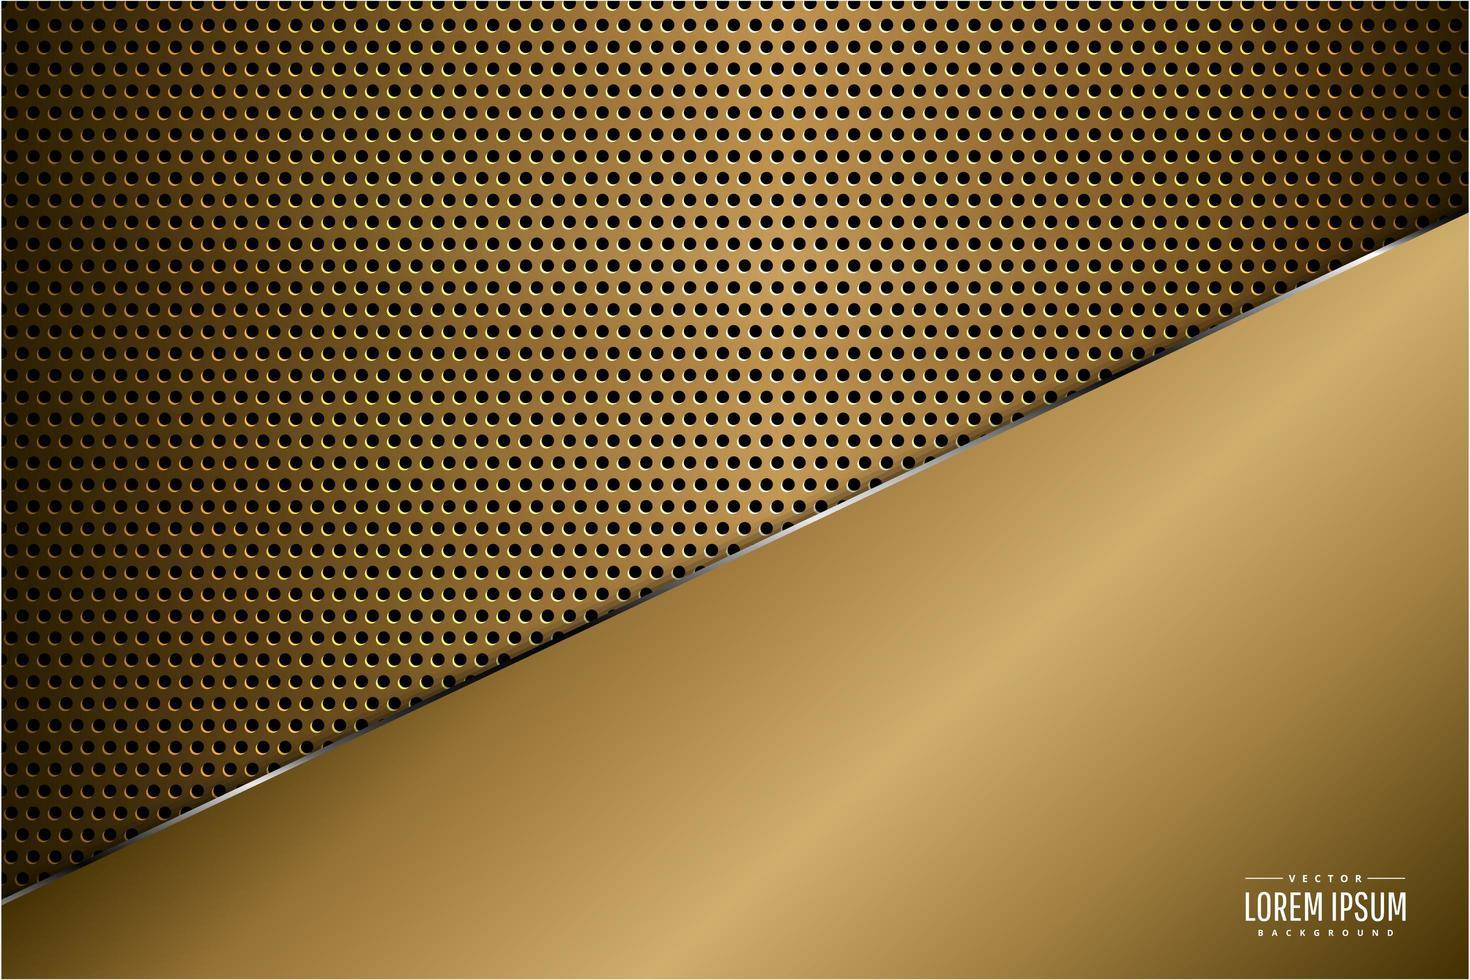 pannello metallico di lusso in oro con trama in fibra di carbonio vettore